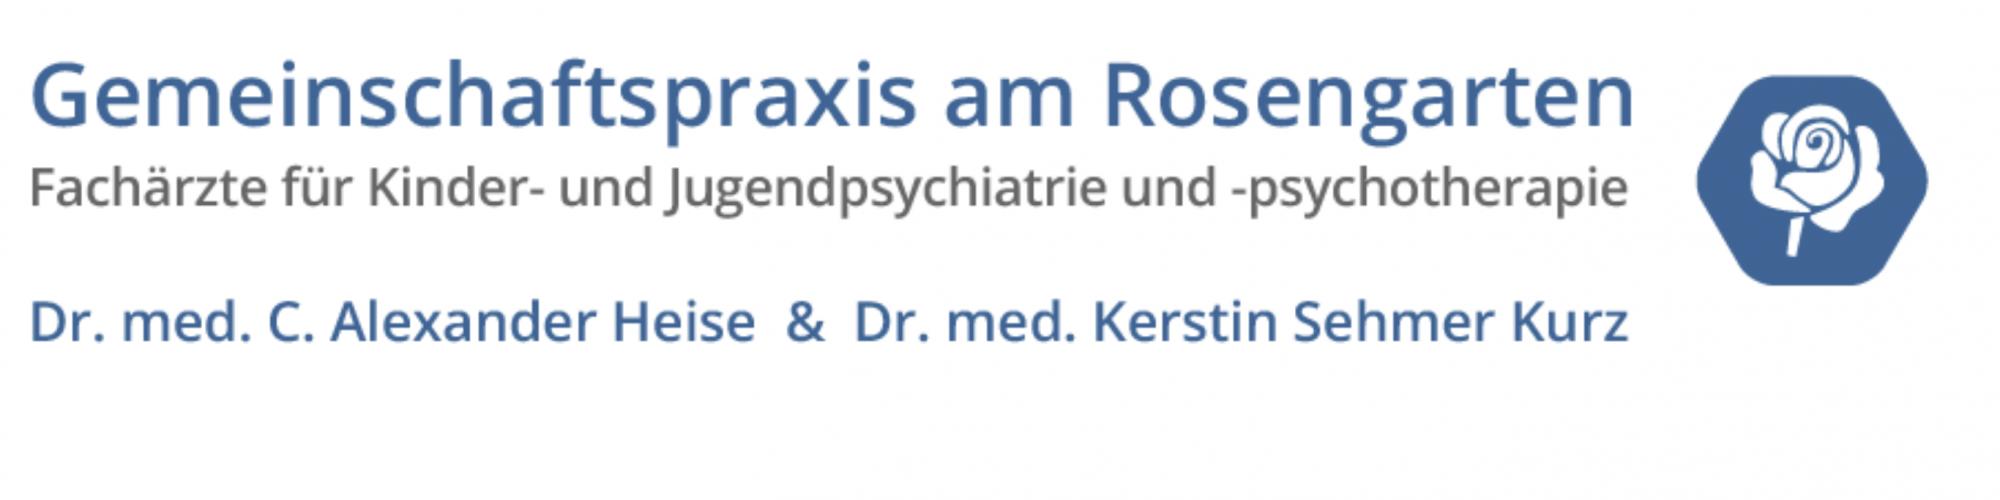 Gemeinschaftspraxis am Rosengarten Dr.med. Cord Alexander Heise und Dr.med. Kerstin Sehmer-Kurz